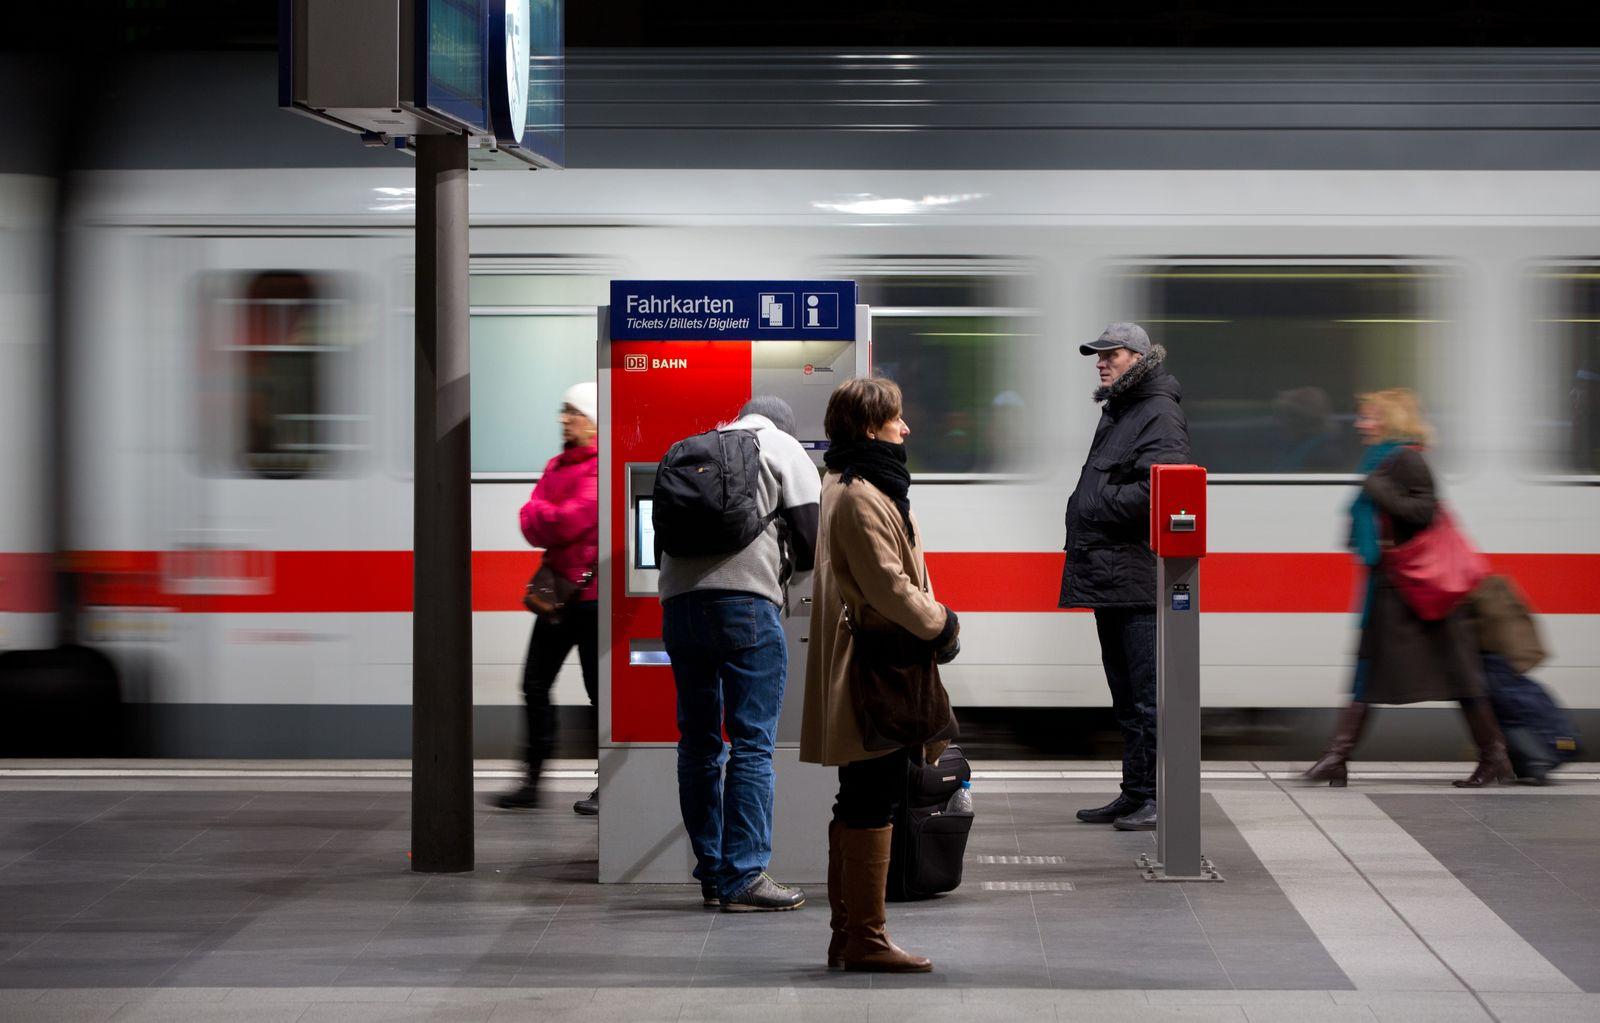 Bahn Fahrpreise / Fahrkartenautomaten